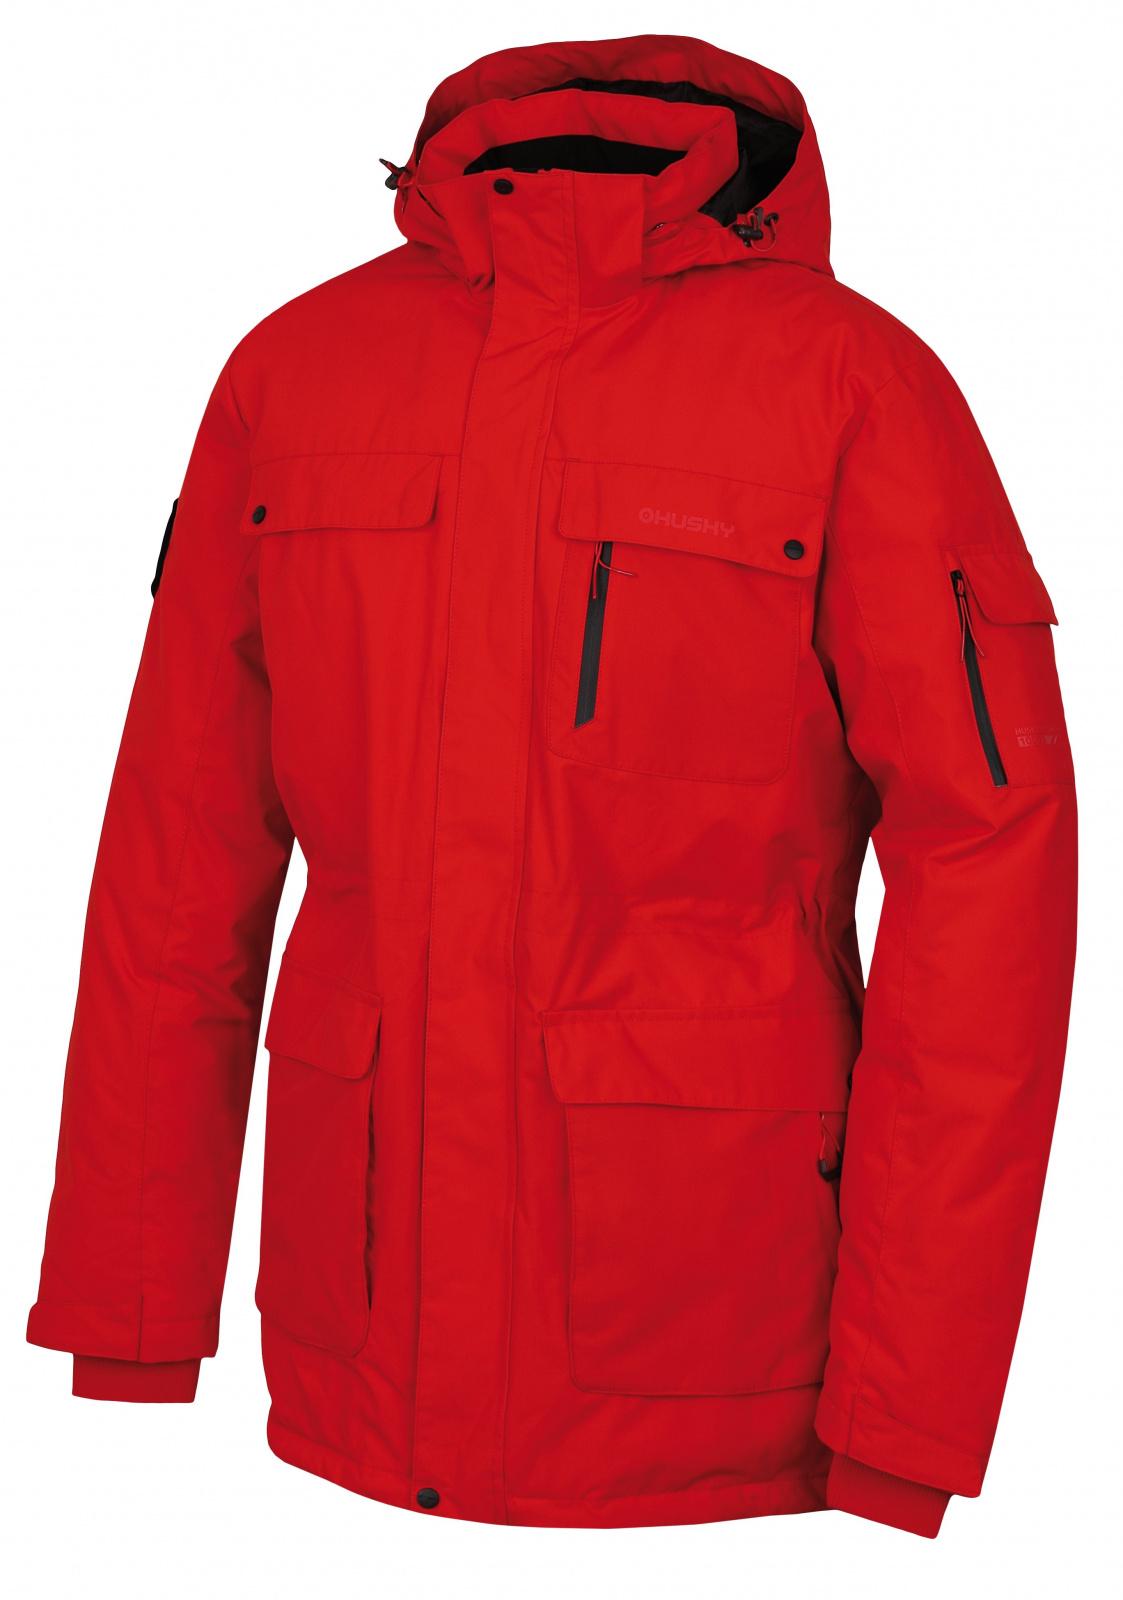 Husky Dantex M červená, XL Pánska perová bunda